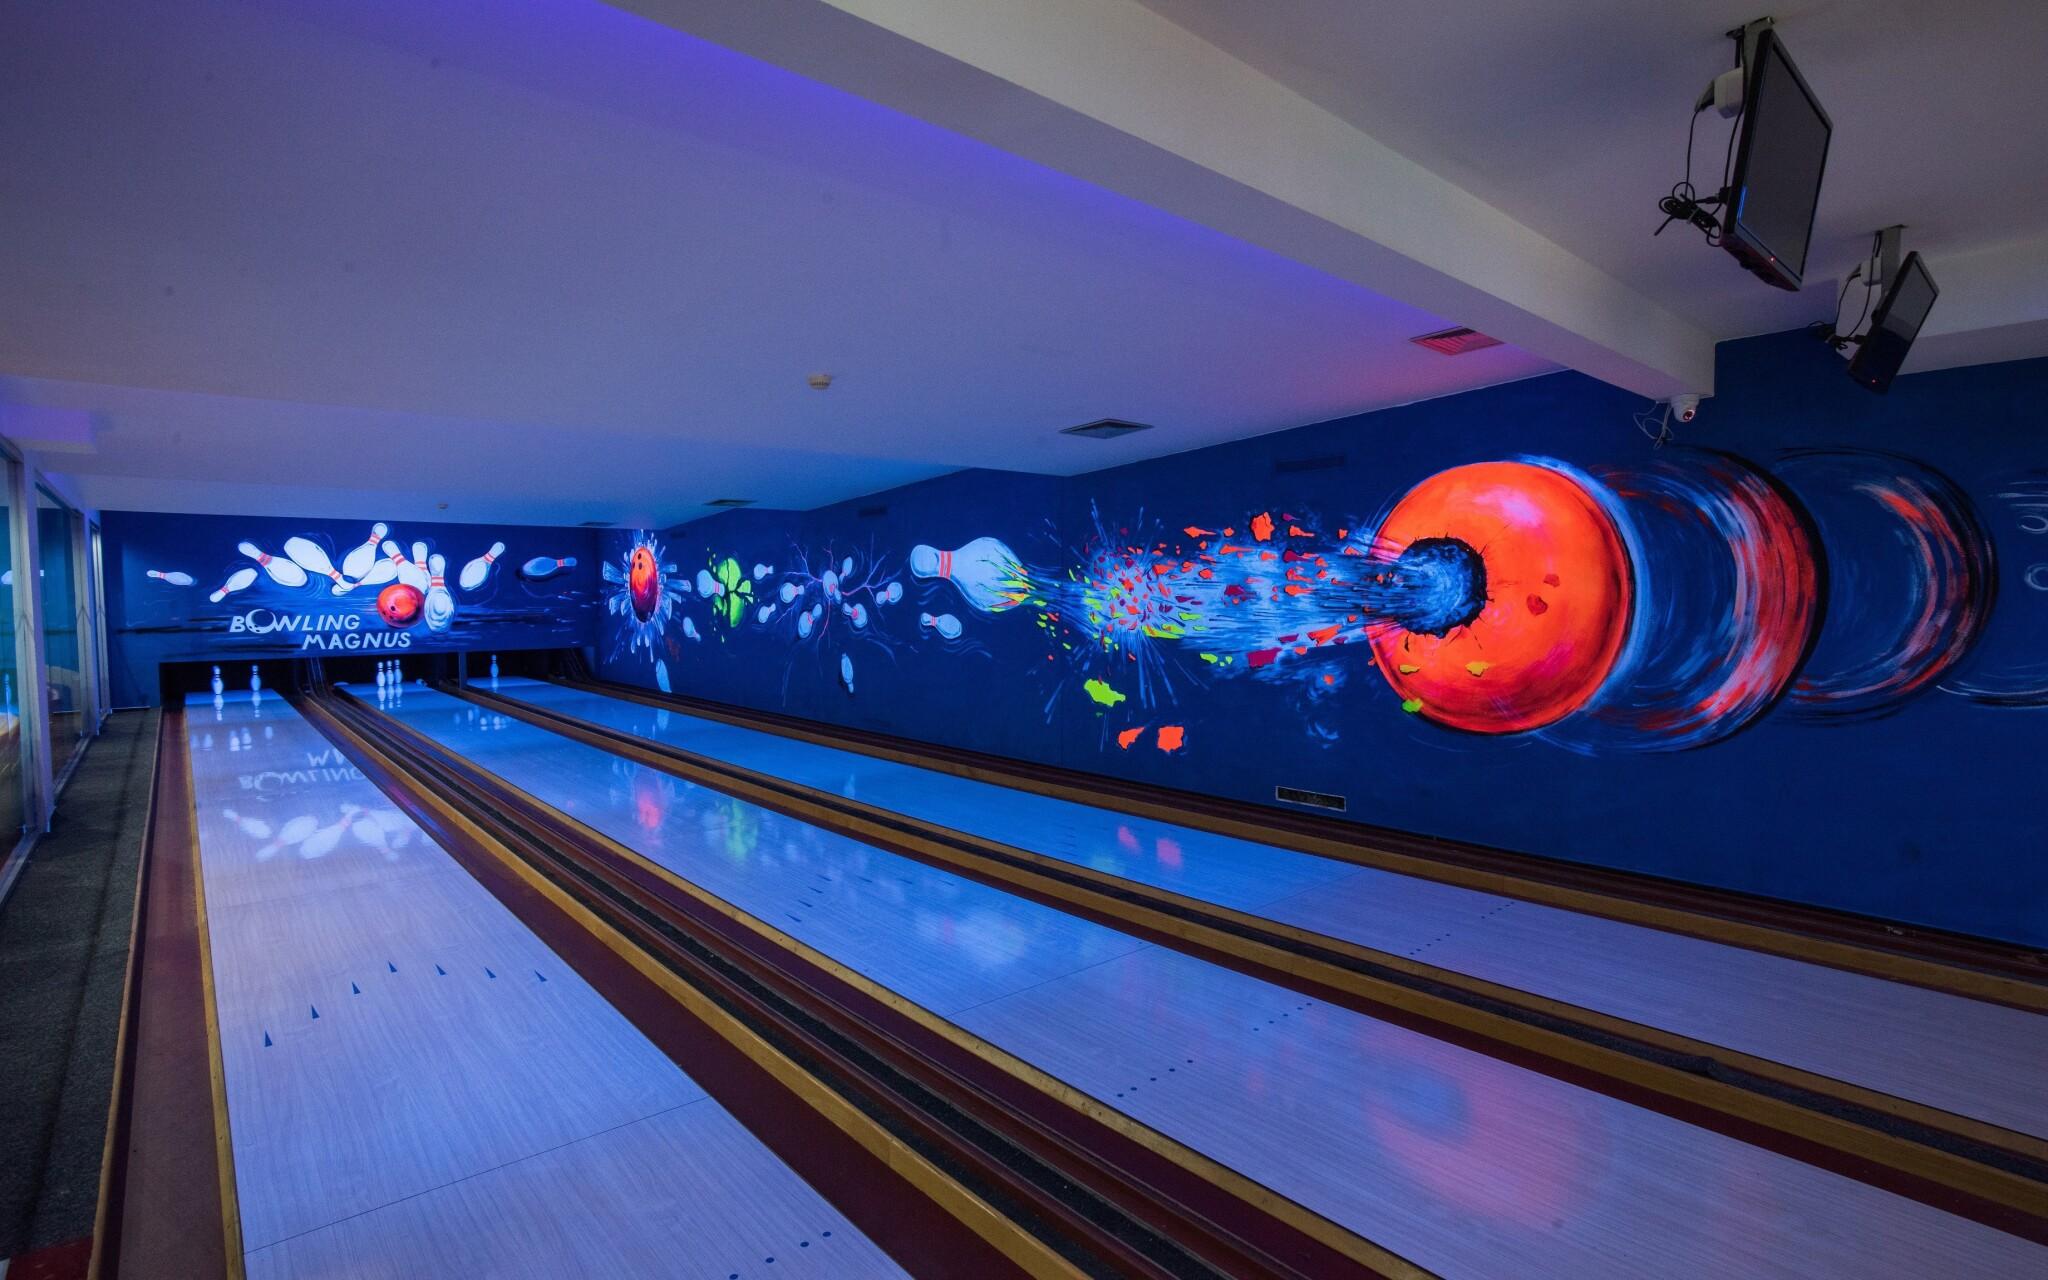 Pobyt si spestrite zábavou pri bowlingu, Hotel Magnus